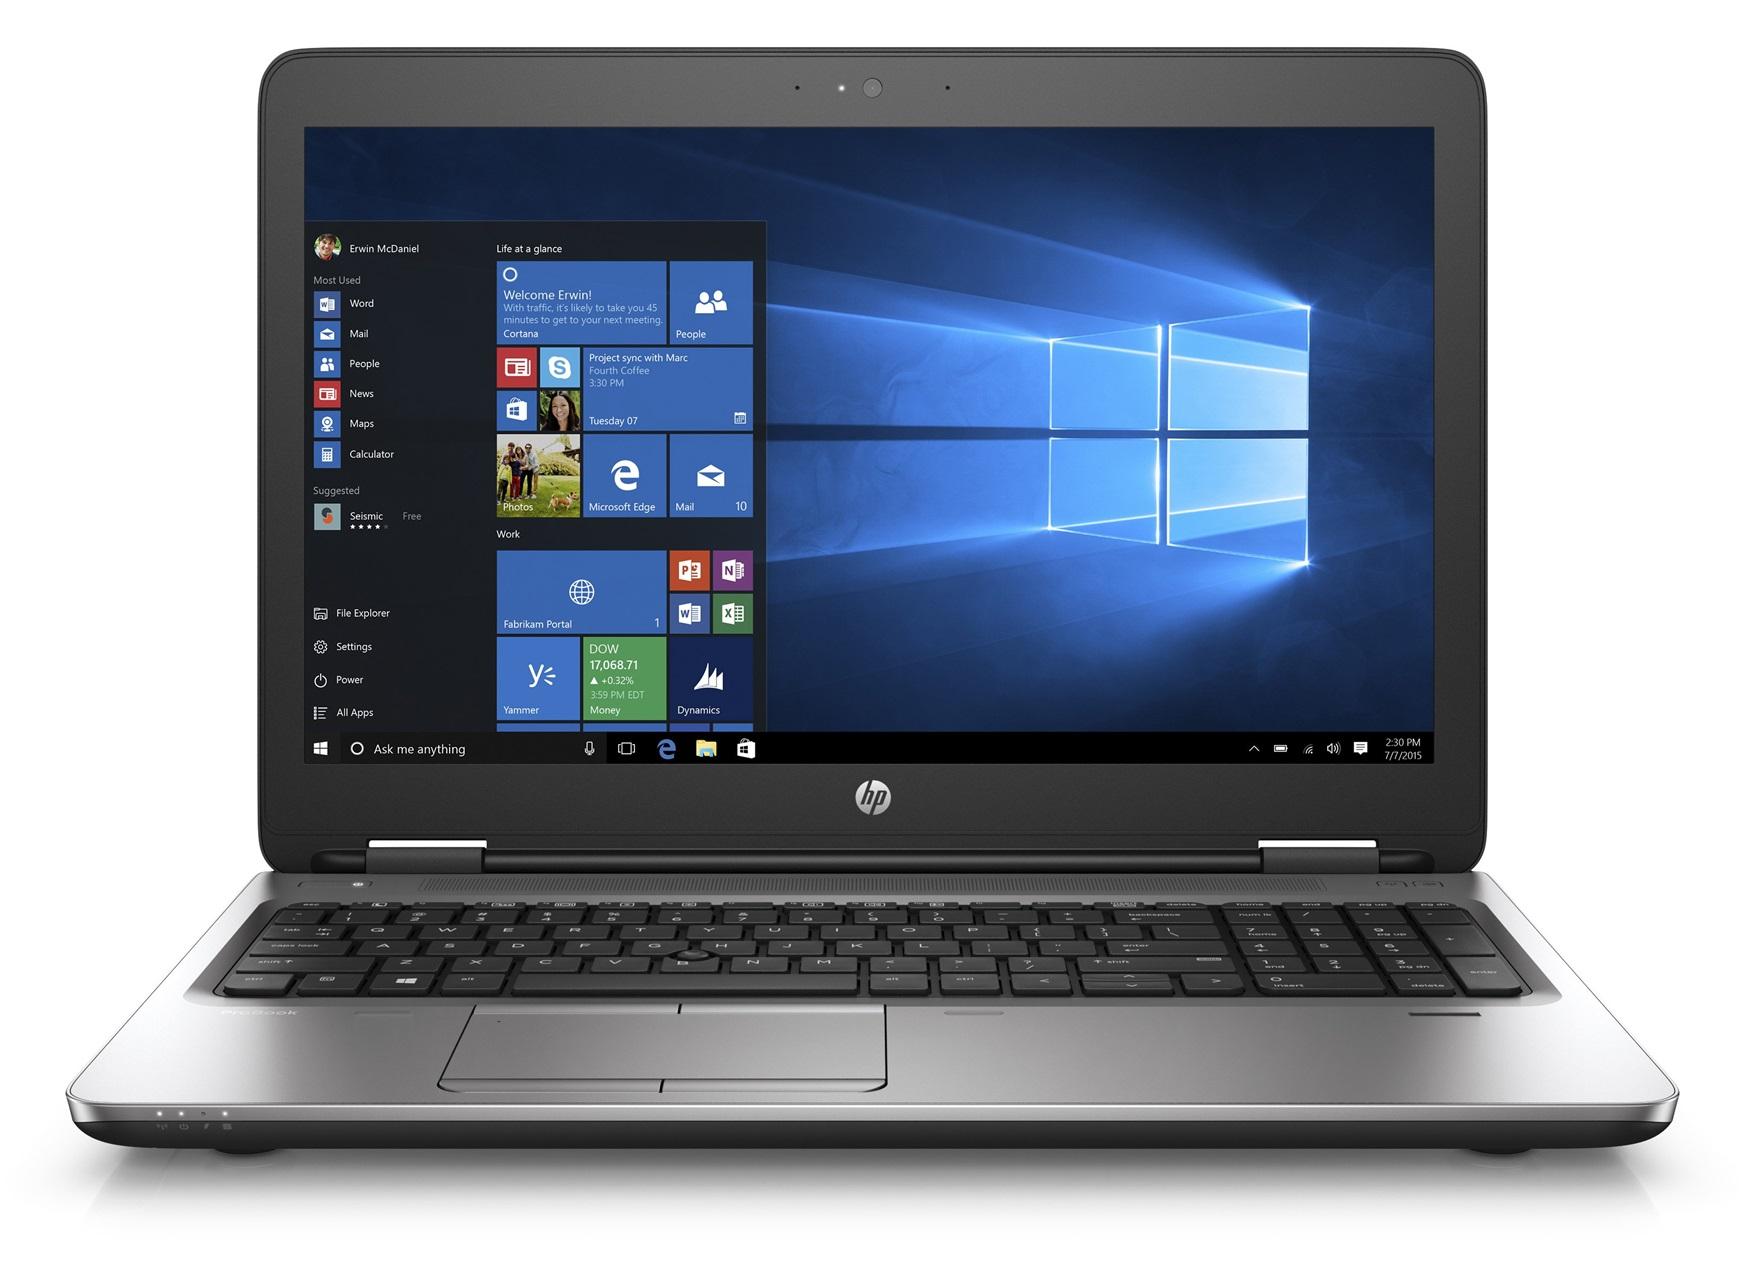 HP ProBook 650 G2 Notebook (Full HD) Review ...